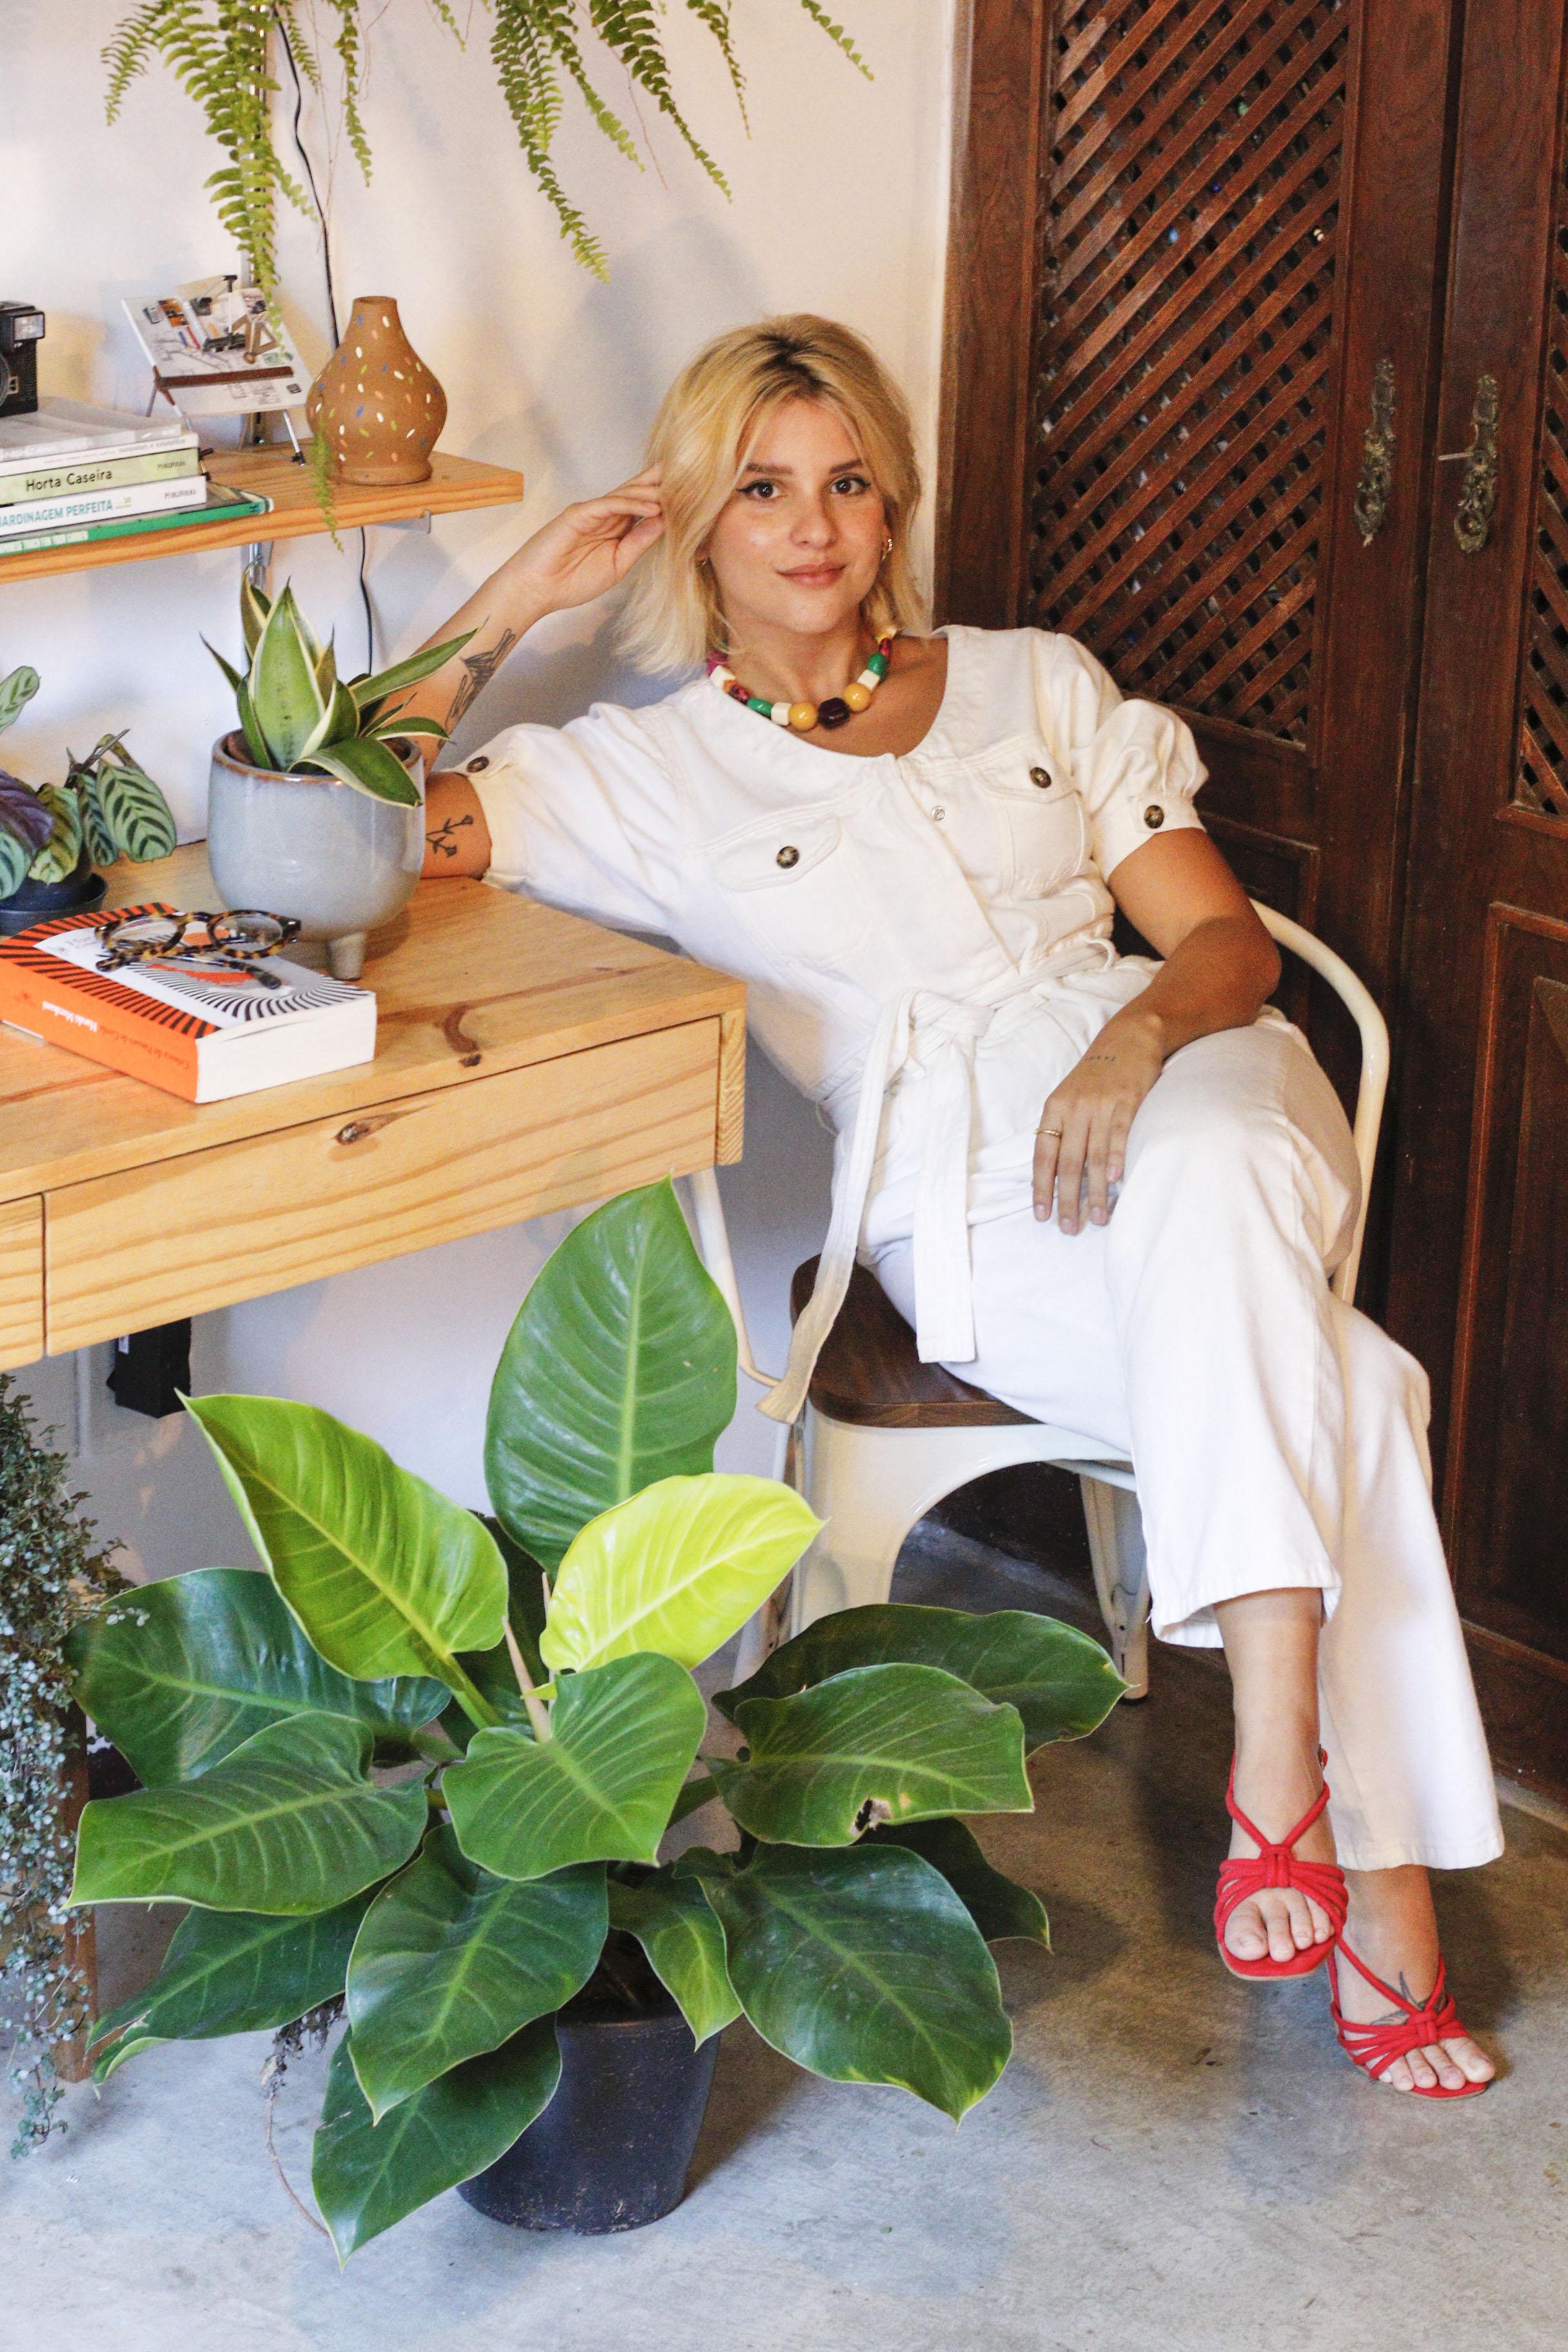 Carolina Serra divide morada com seu ateliê de botânica, o Ateliê 1078. A conexão com a natureza é combustível de renovação neste período de isolamento, sempre trazendo reflexões para suas formas de morar (BARBARA MOIRA/ O POVO)